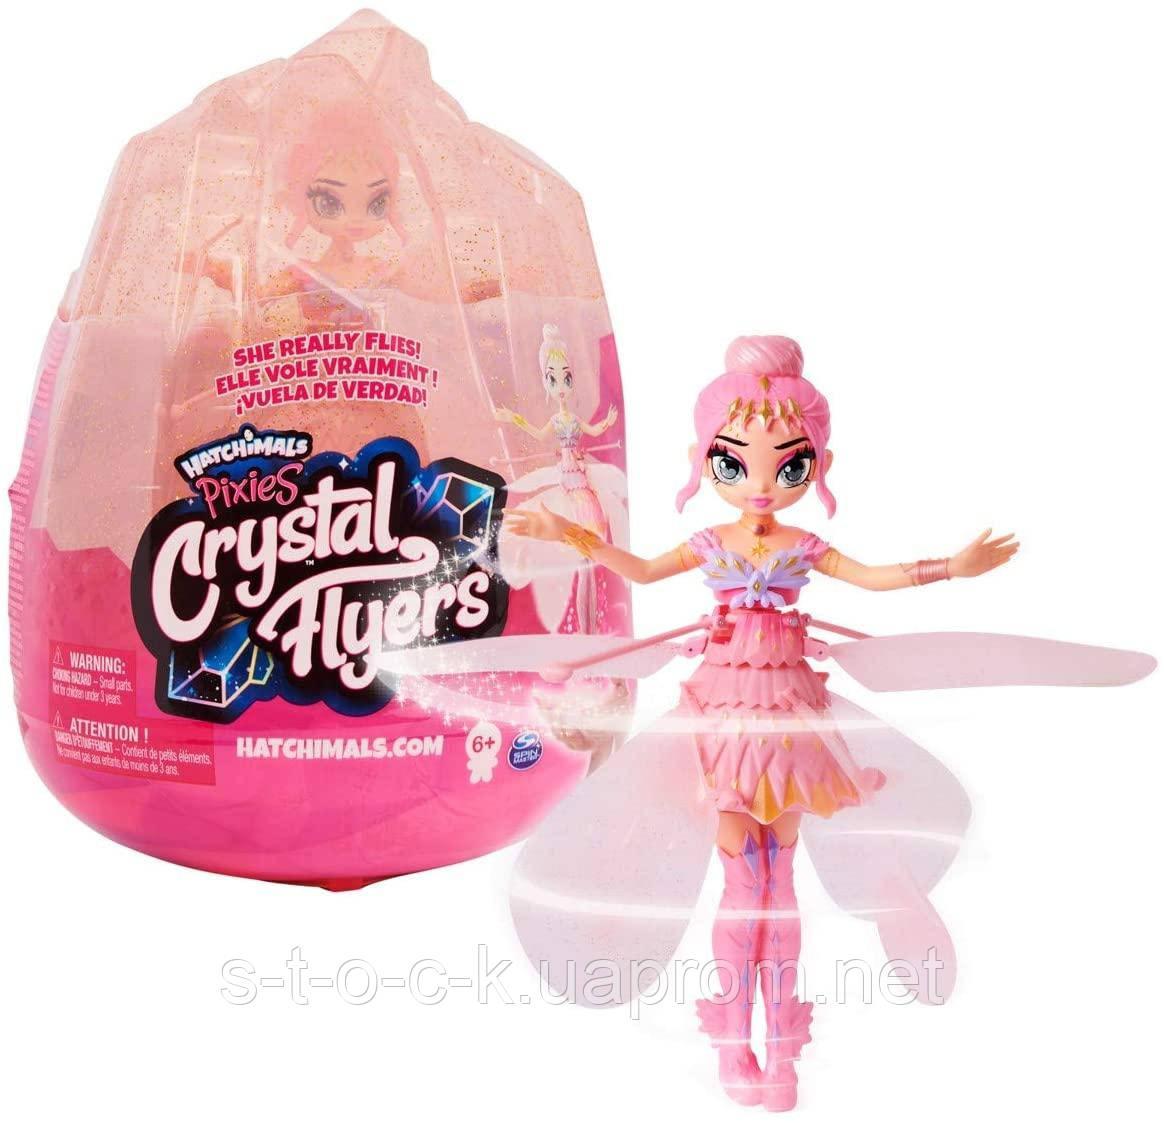 Кукла Hatchimals 6059523 - Pixies, Волшебная летающая кукла Pink Magical Flying Pixie Toy, для детей от 6 лет